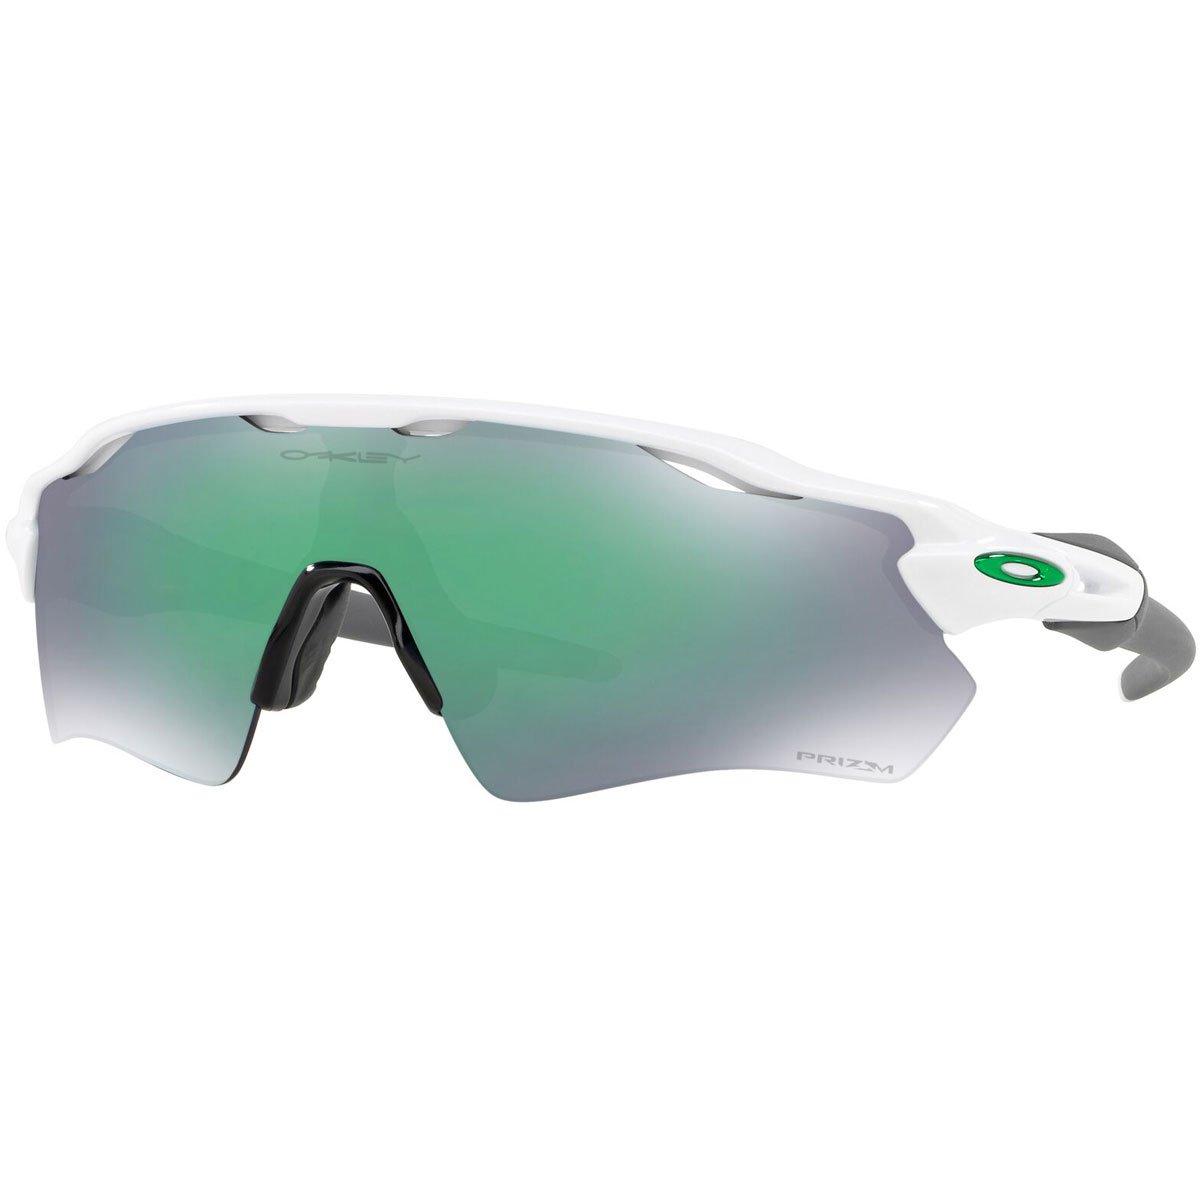 オークリー (Oakley) サングラス メンズ RADAR EV PATH OO9208-7138  920871 B079MVPZHC